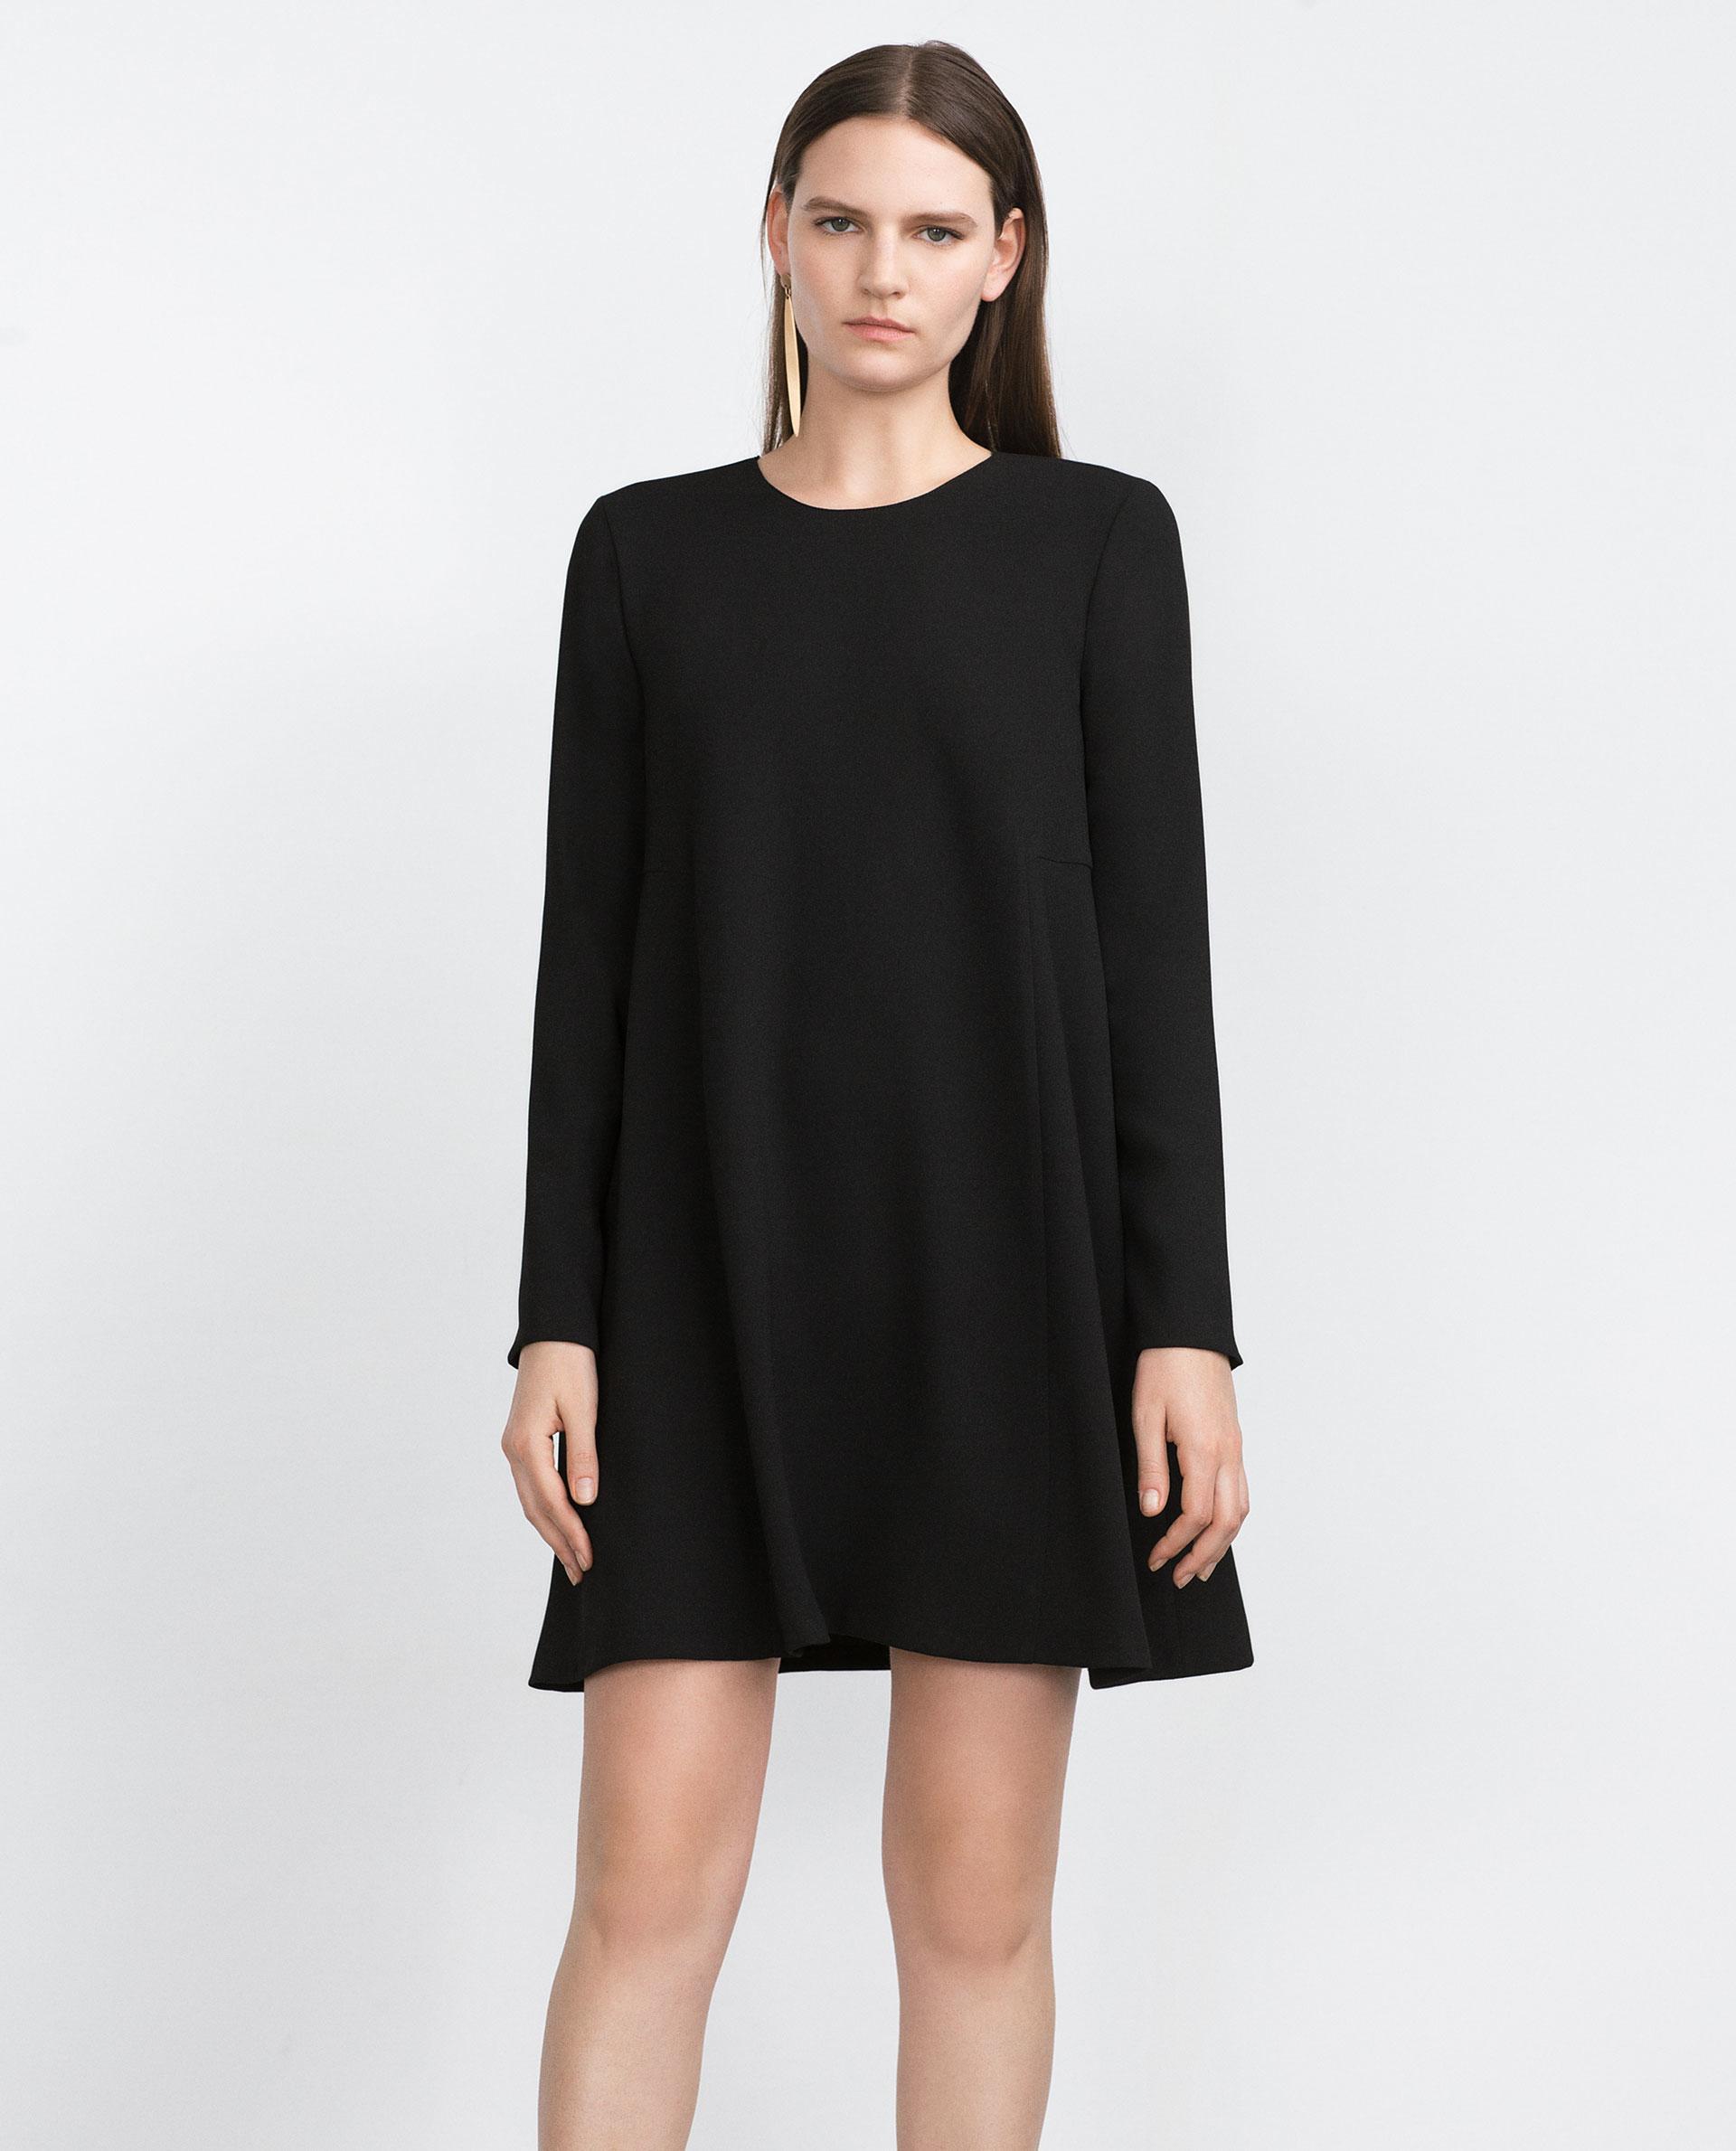 Zara Baby Doll Dress in Black